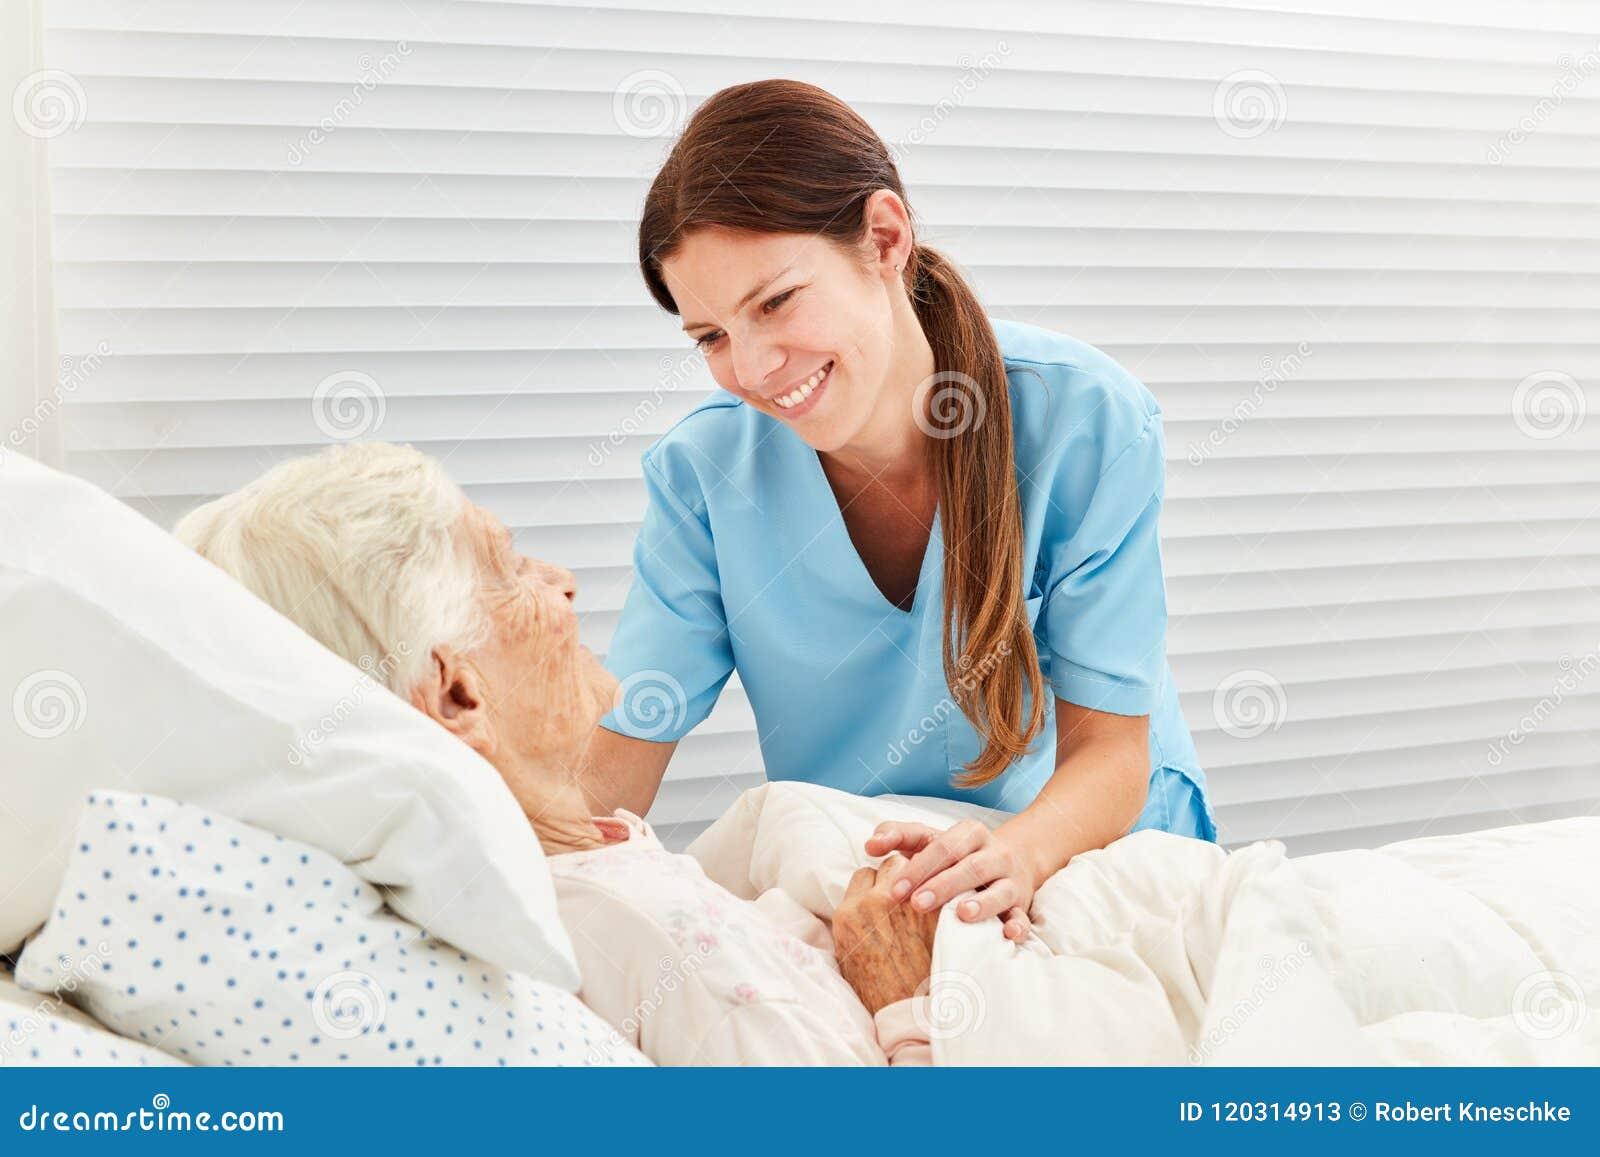 Дама ухода смотрит после больной пожилой женщины